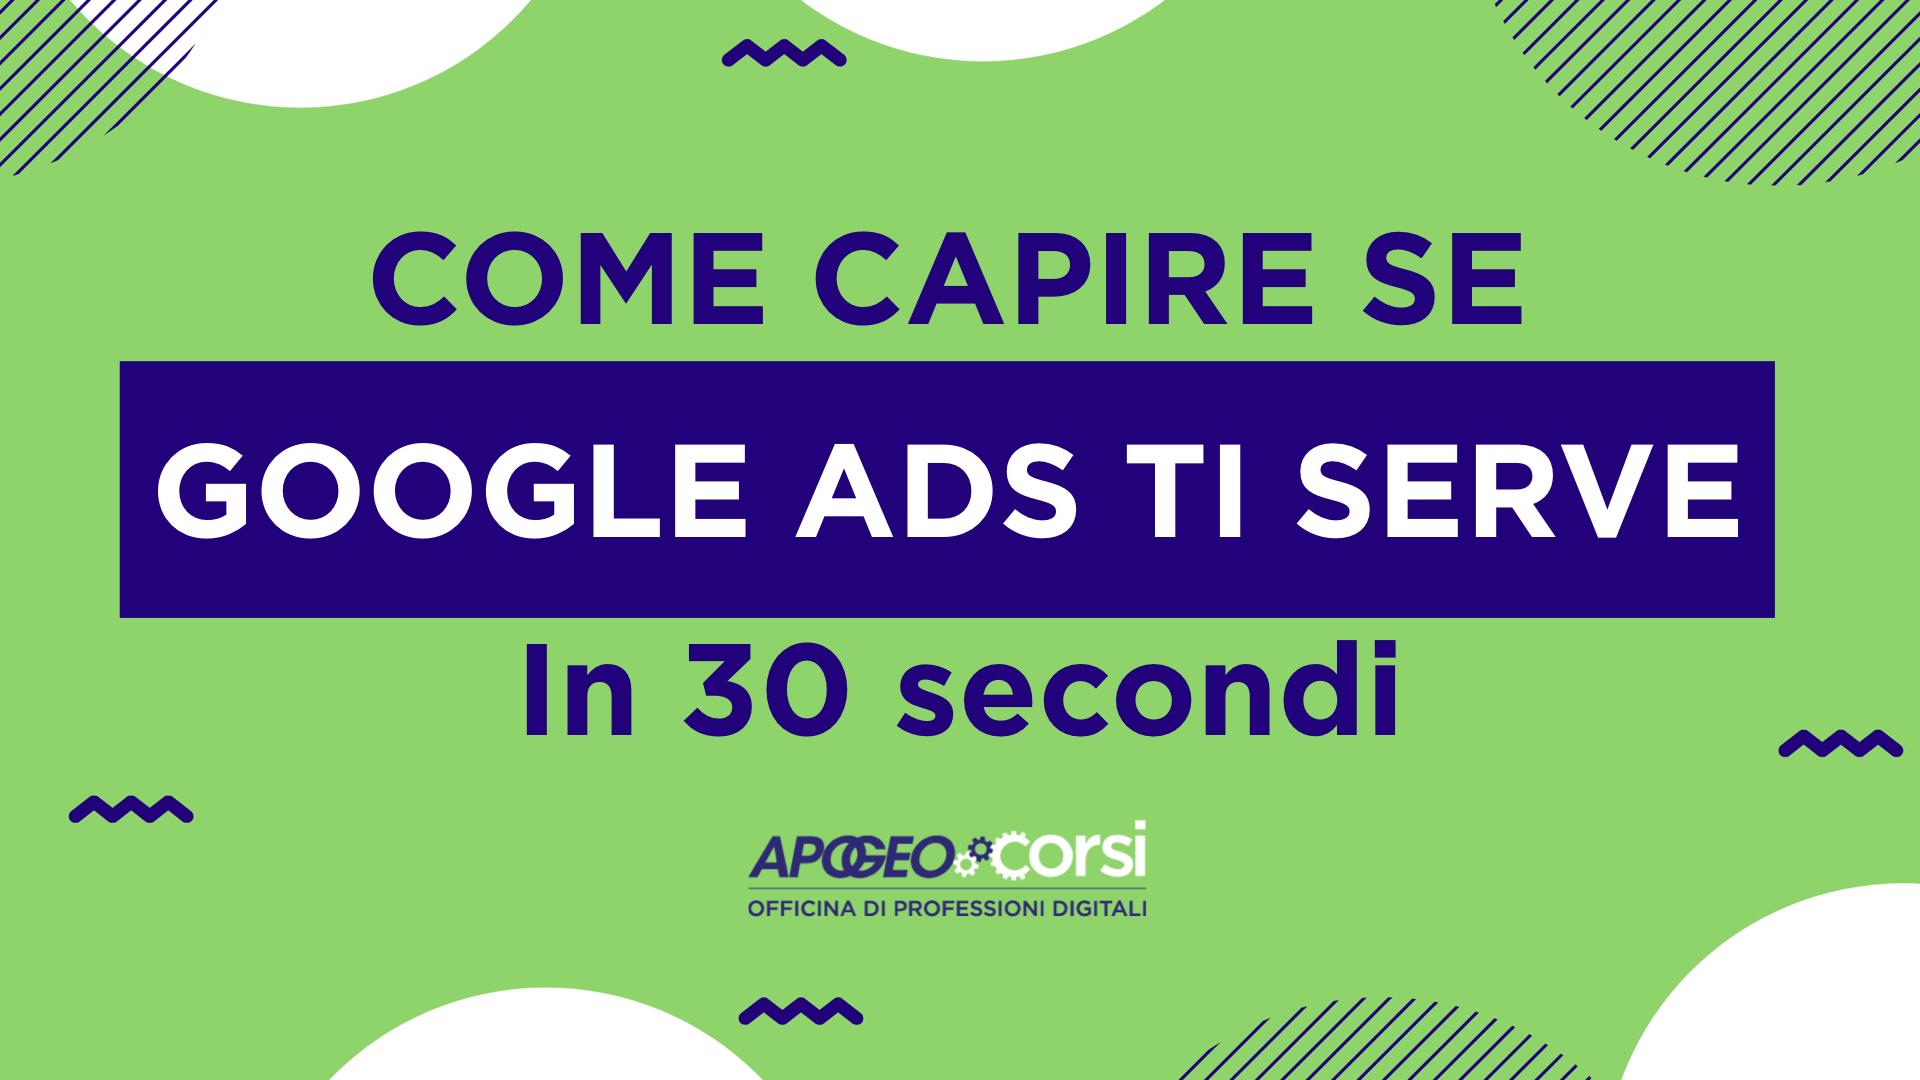 Google Ads: come capire se ti serve, in 30 secondi